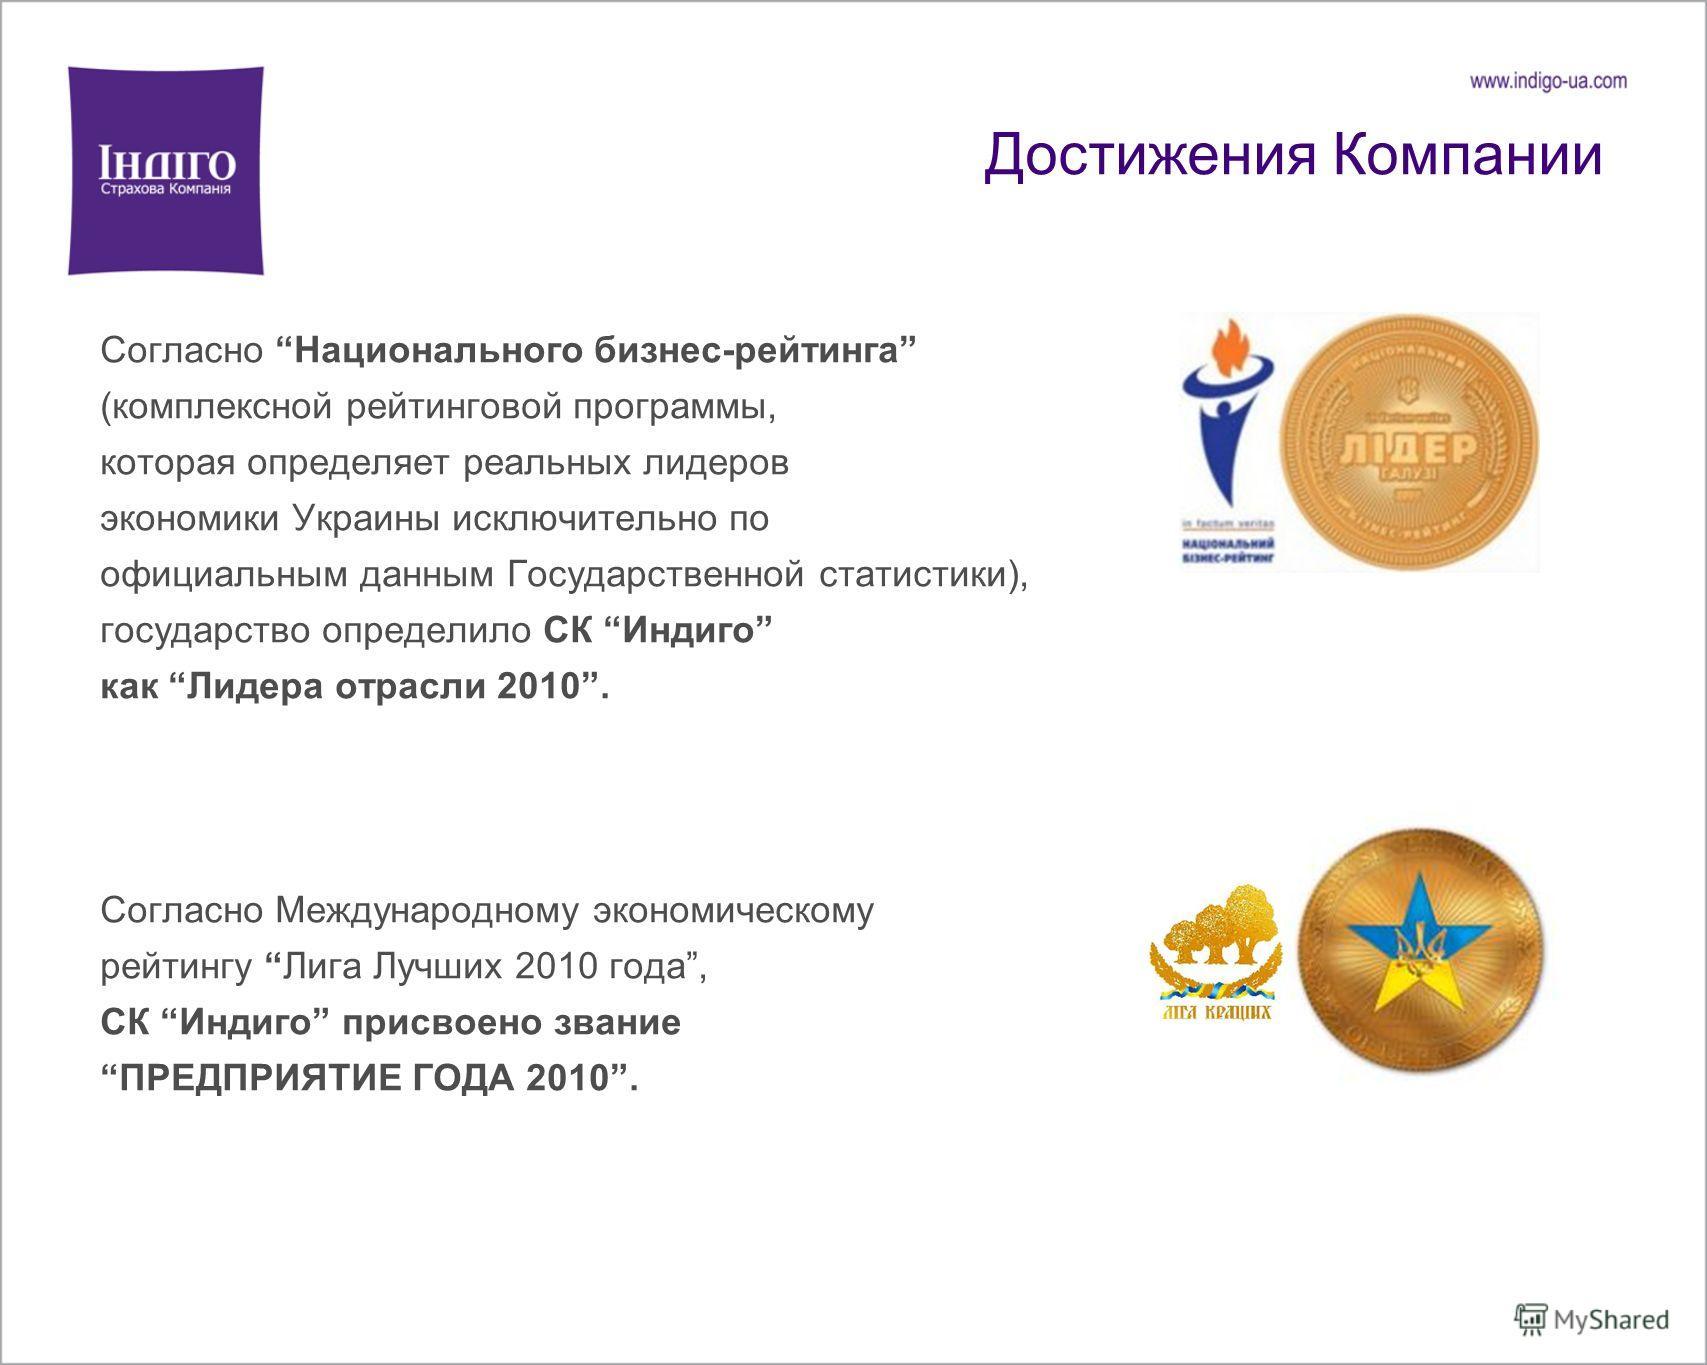 Достижения Компании Согласно Национального бизнес-рейтинга (комплексной рейтинговой программы, которая определяет реальных лидеров экономики Украины исключительно по официальным данным Государственной статистики), государство определило СК Индиго как